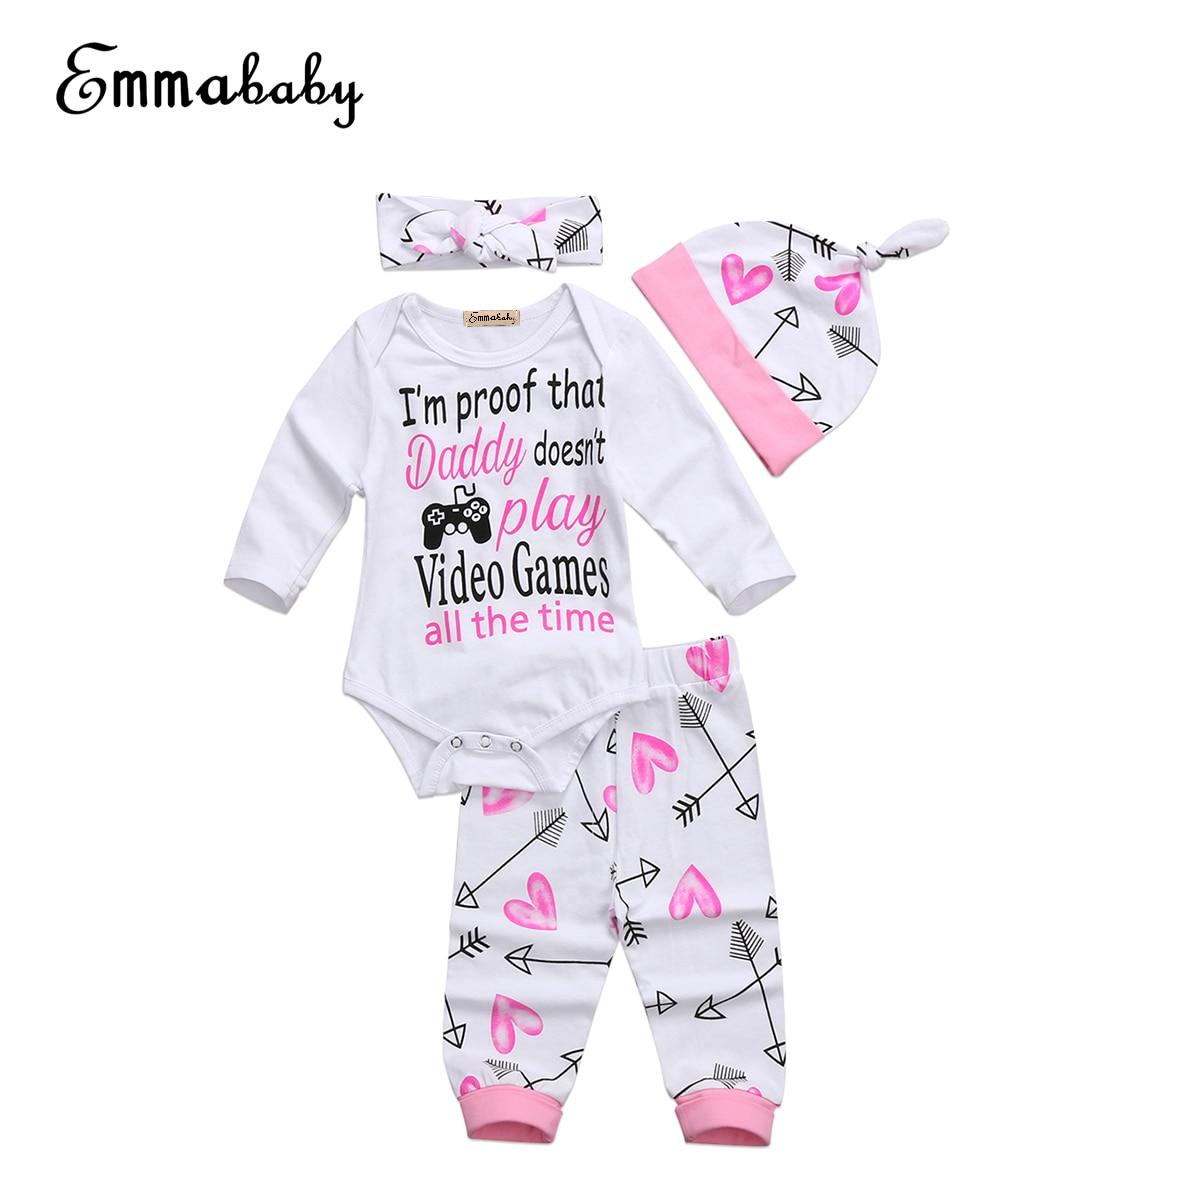 Для новорожденных 4 шт. Костюмы комплект наряд для девочек Комбинезон + длинные штаны + шляпа Комплекты одежды От 0 до 2 лет